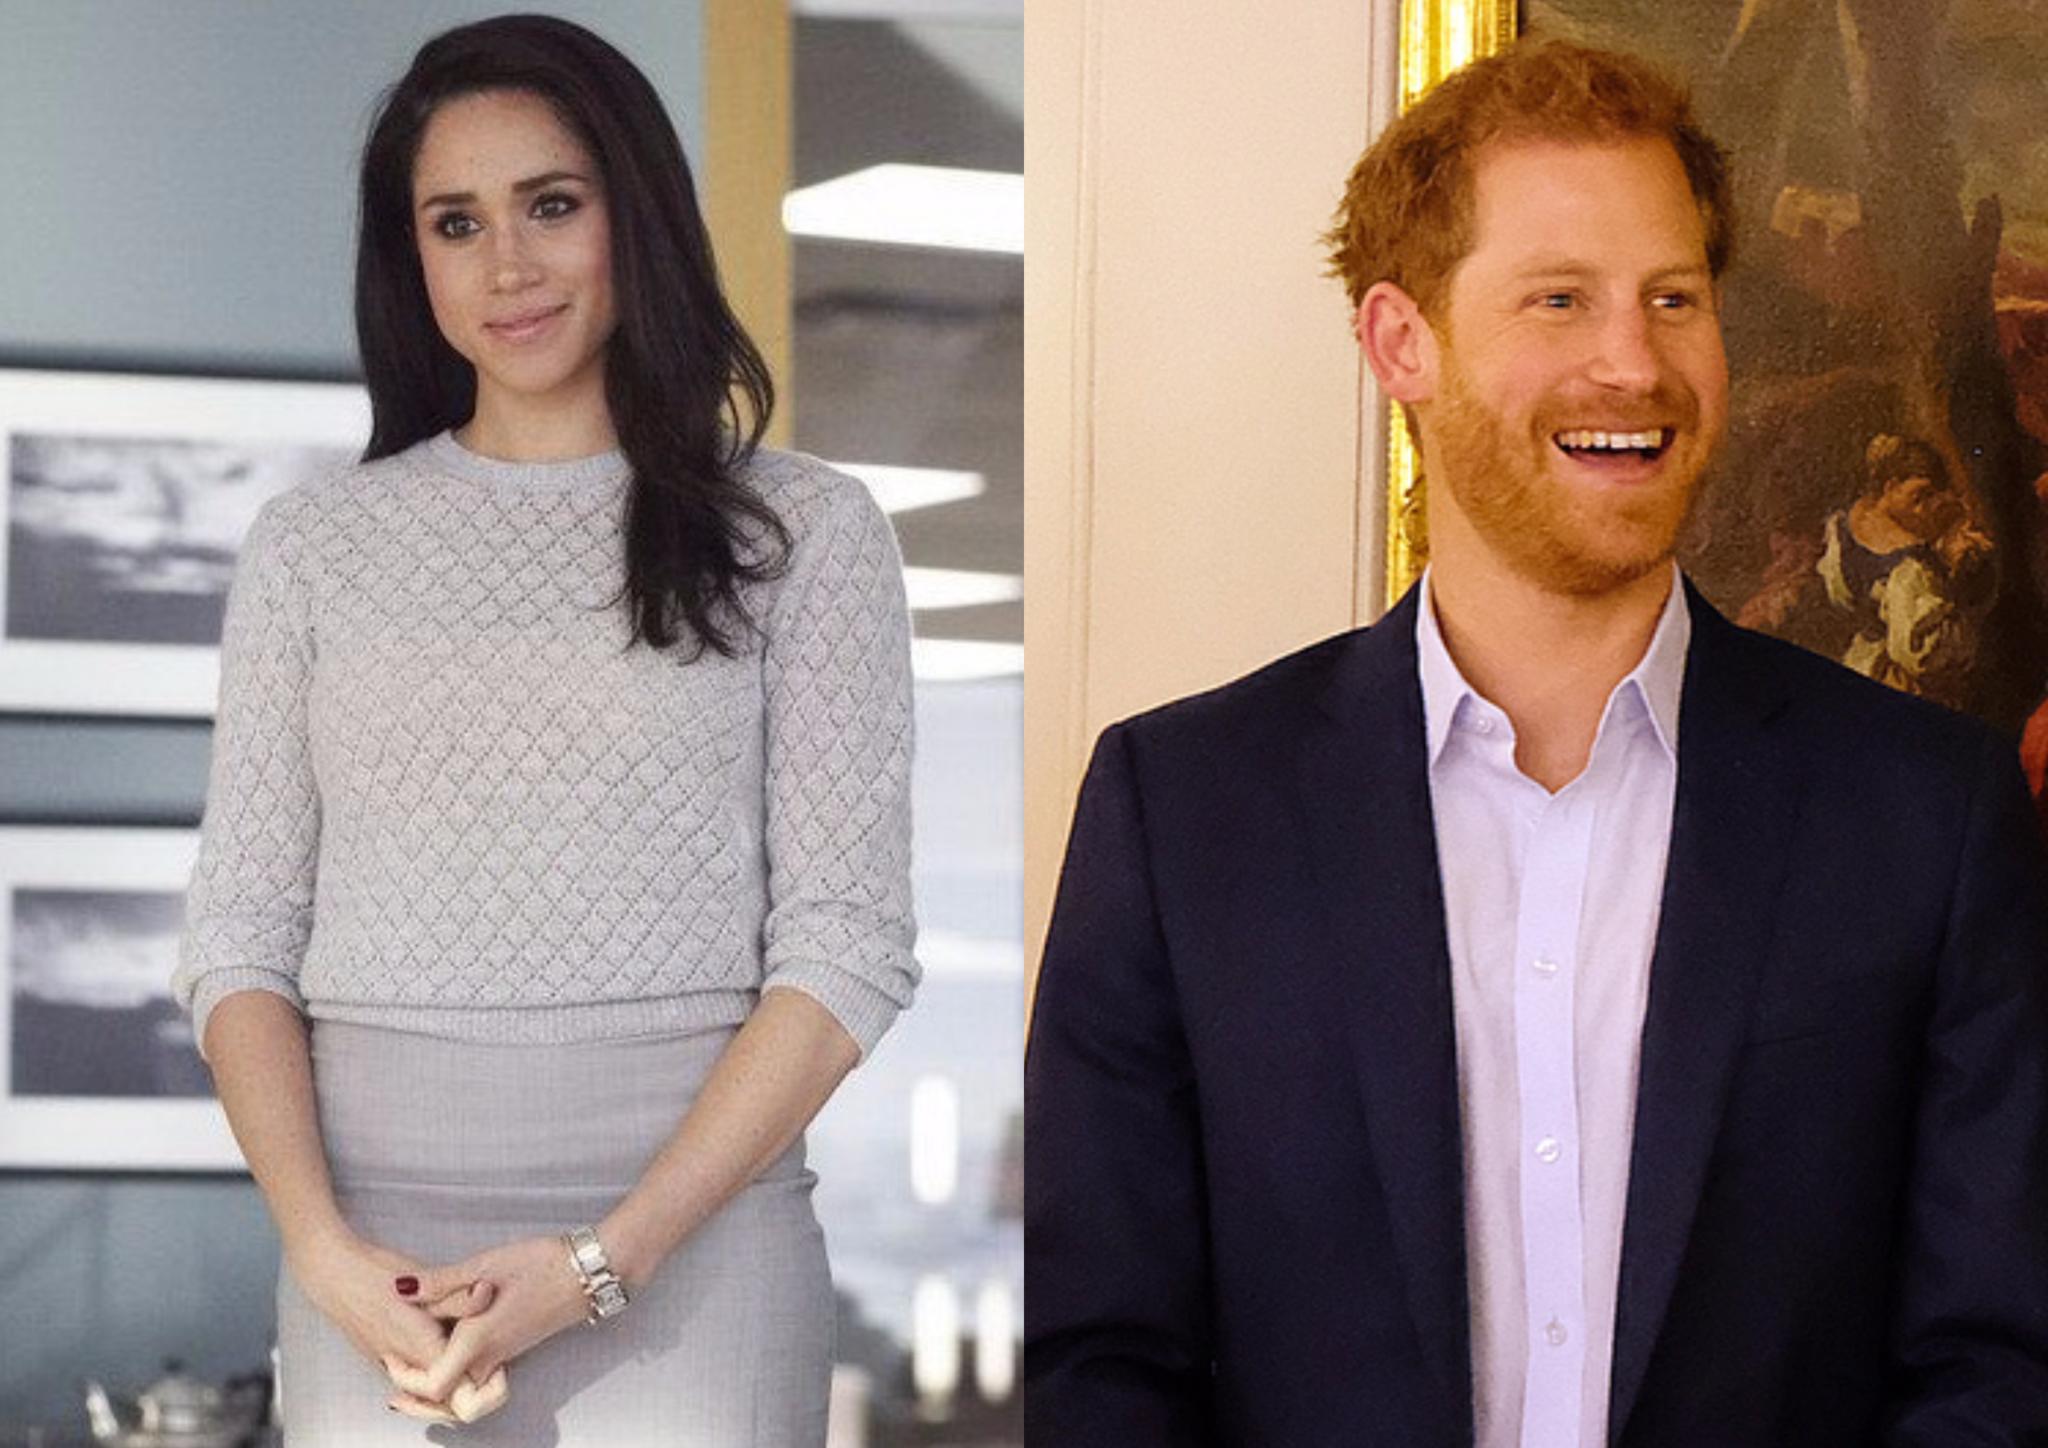 Свершилось: принц Гарри и Меган Маркл объявили о помолвке